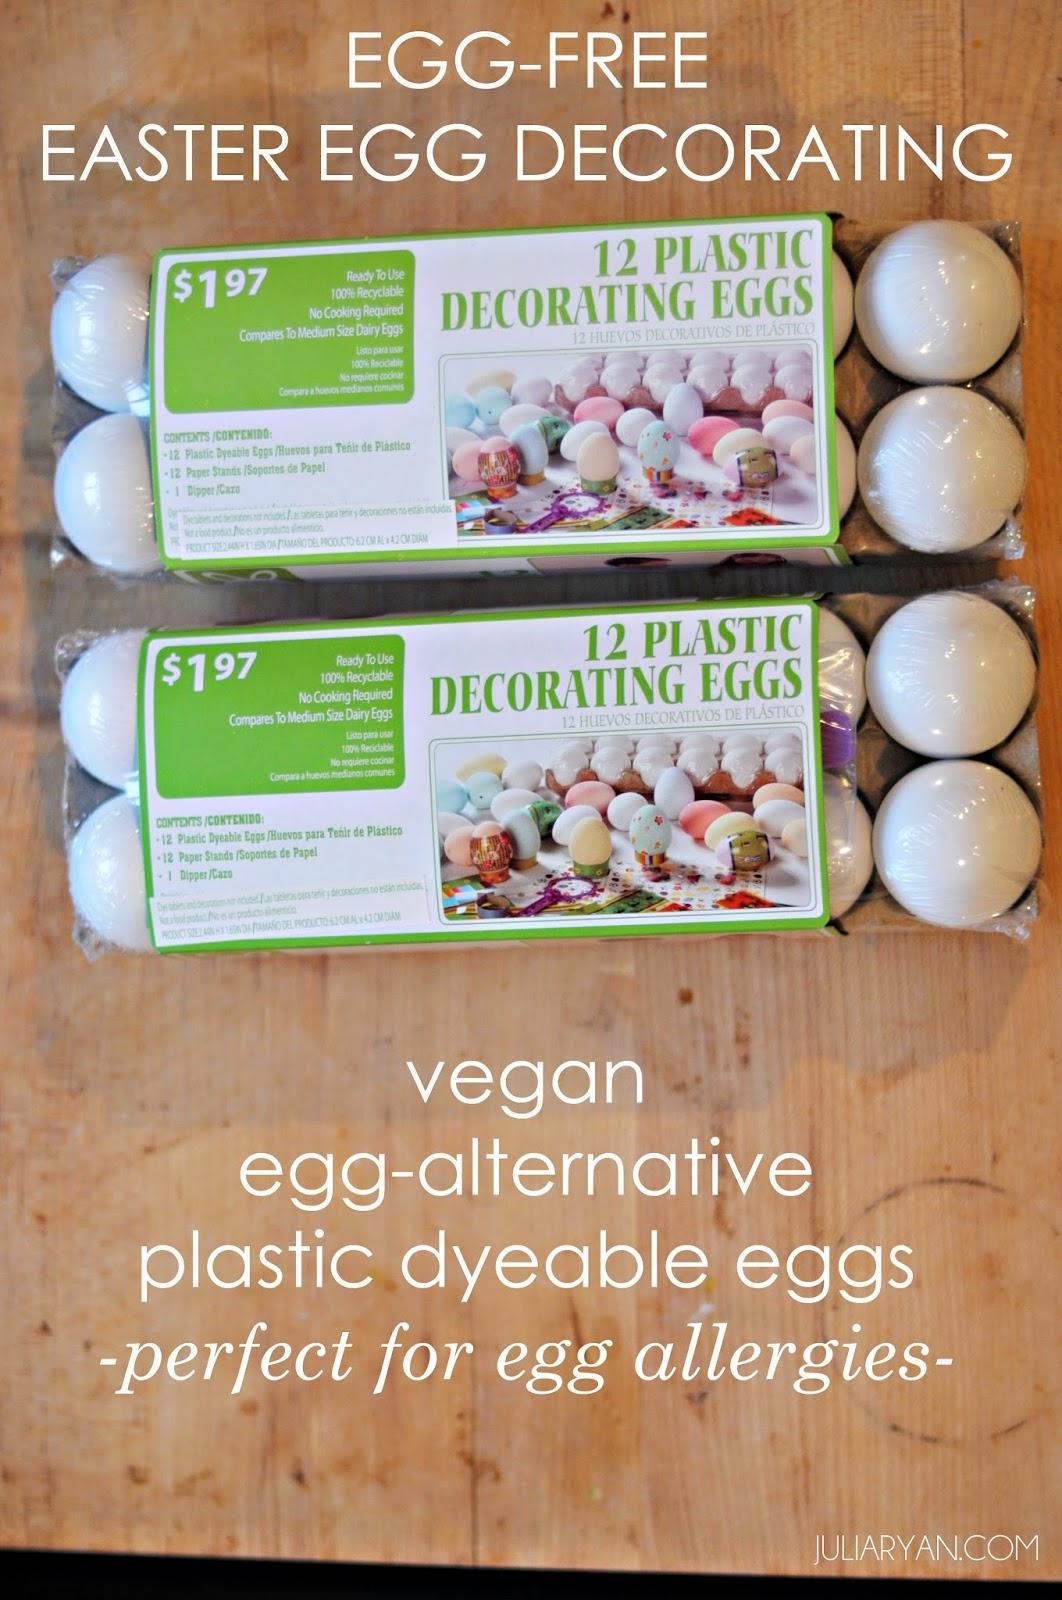 Julia ryan egg free easter egg decorating egg allergy easter alternatives goregeous kilim - Alternative uses for eggs ...